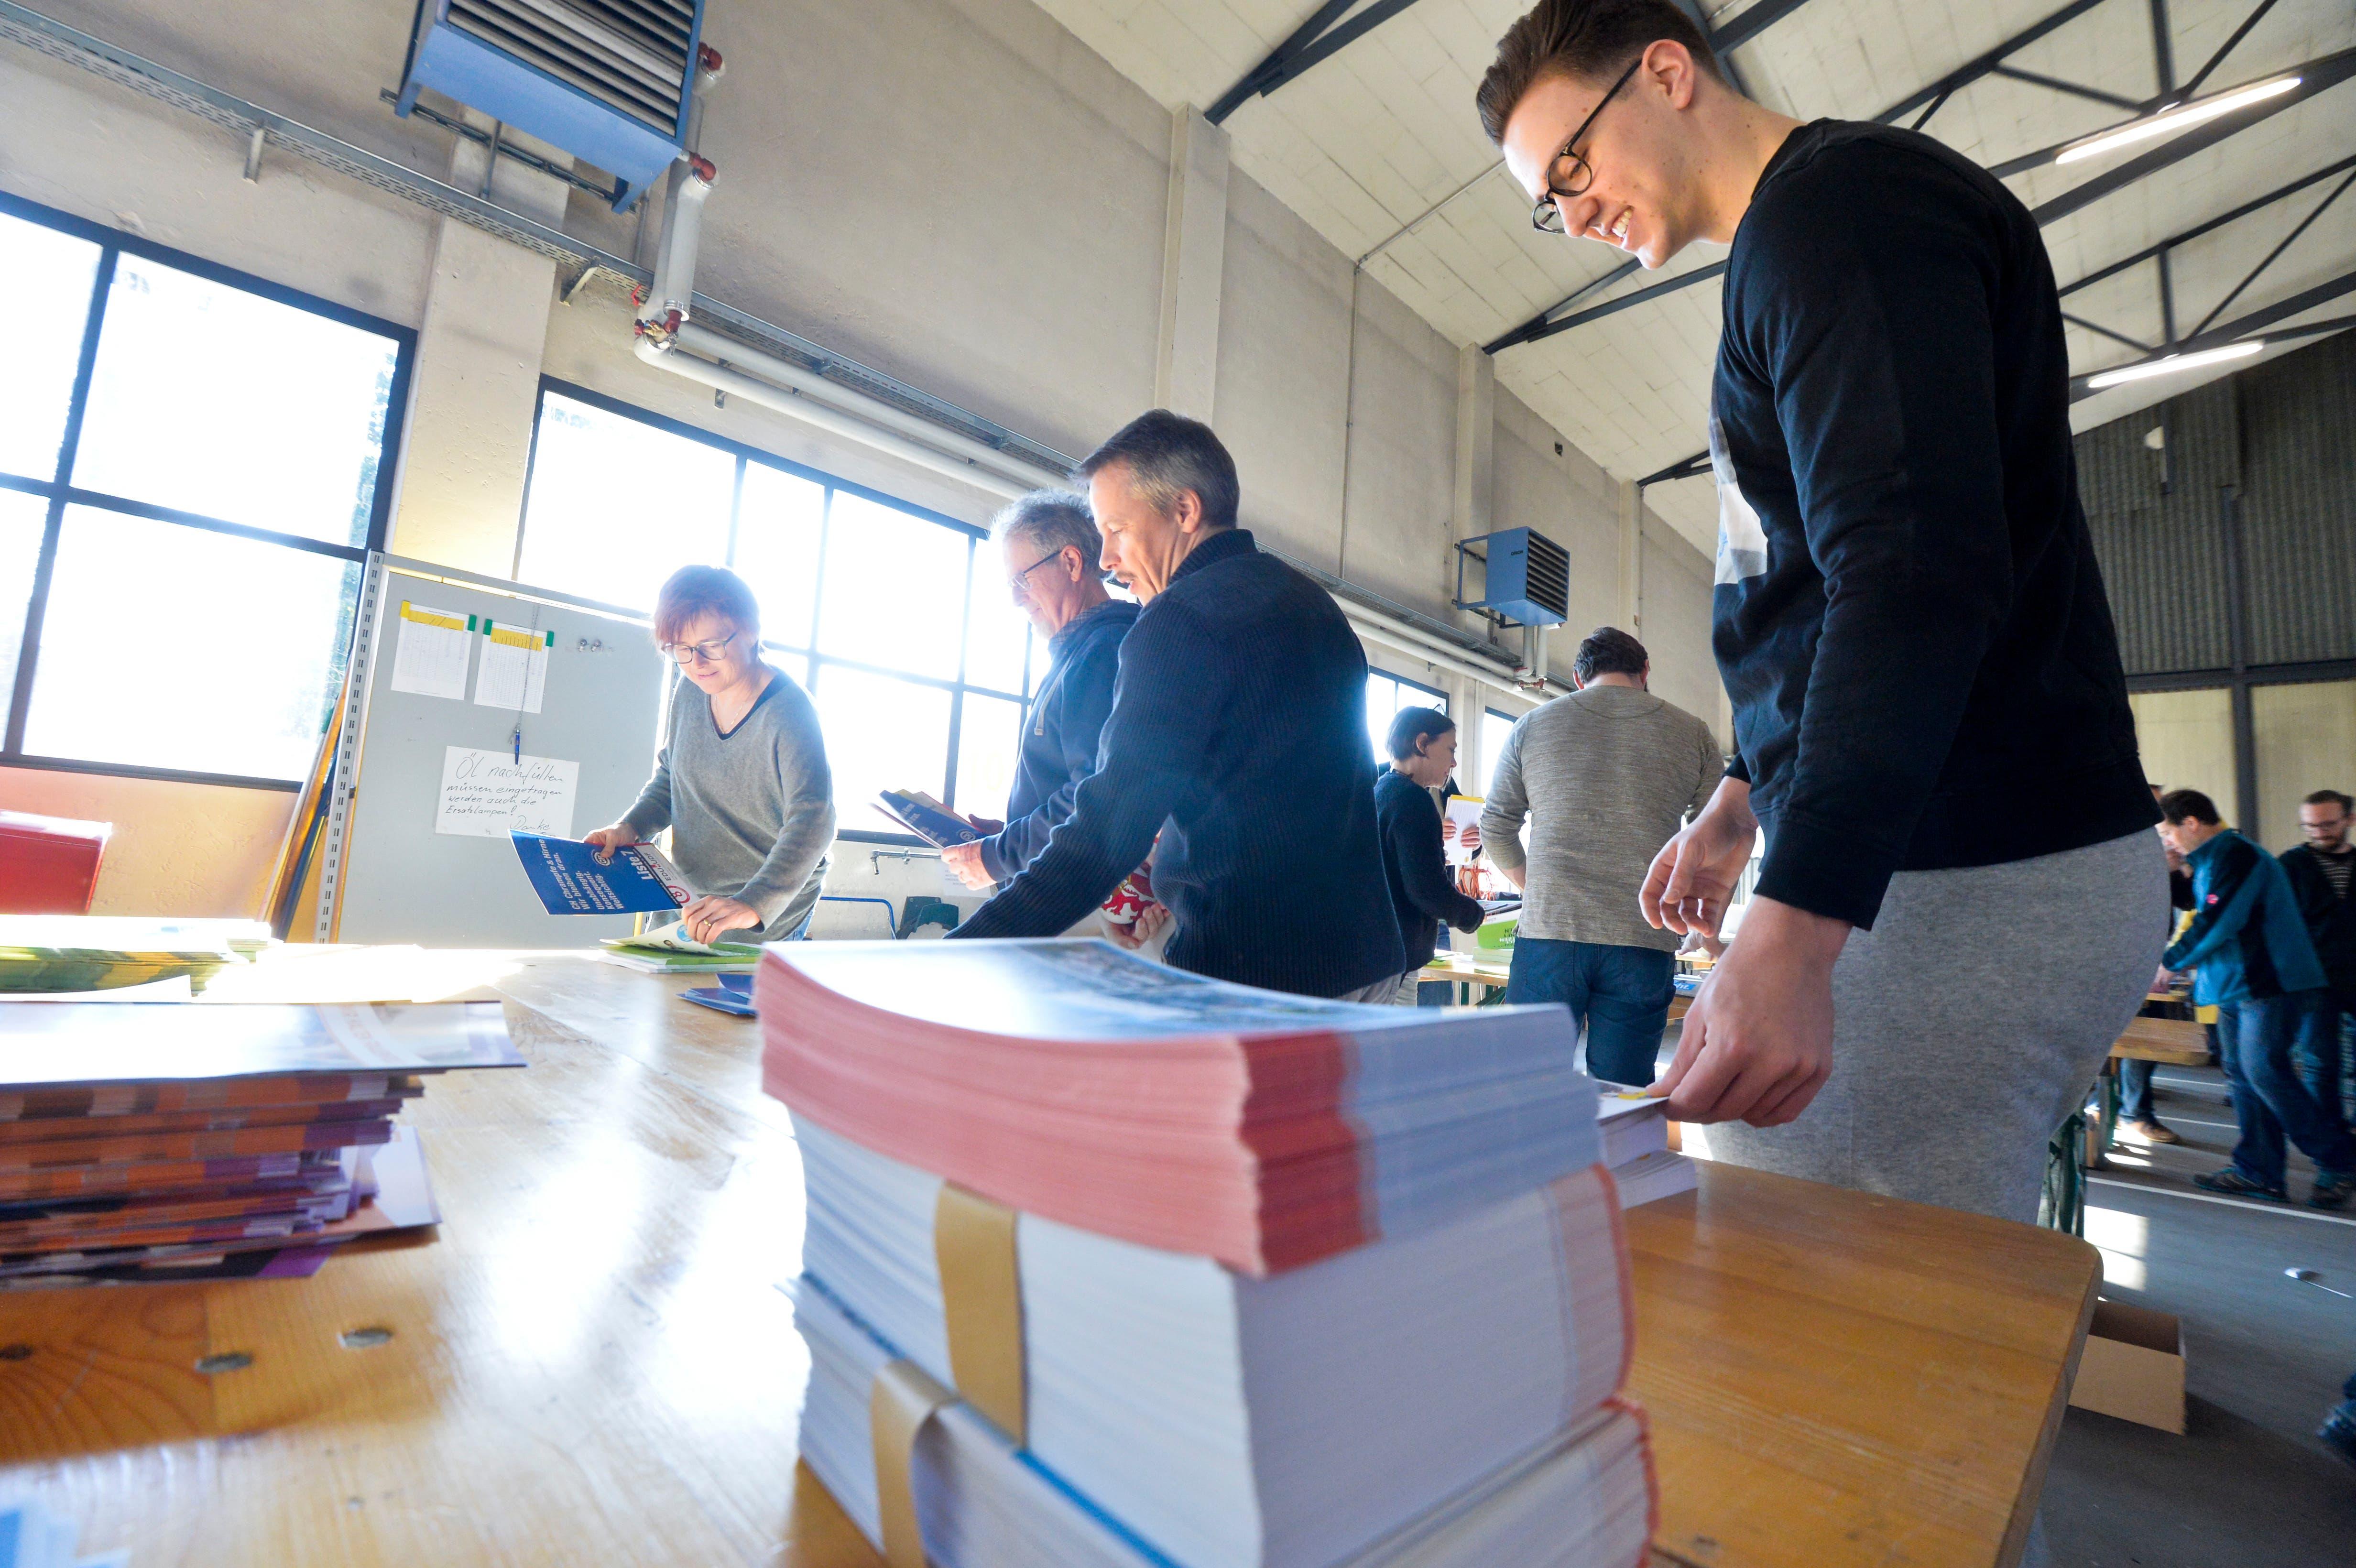 Frauenfeld TG, 16.02.2019 / Frauenfelder Gemeinderatswahlen: Verpackungsaktion der Parteien